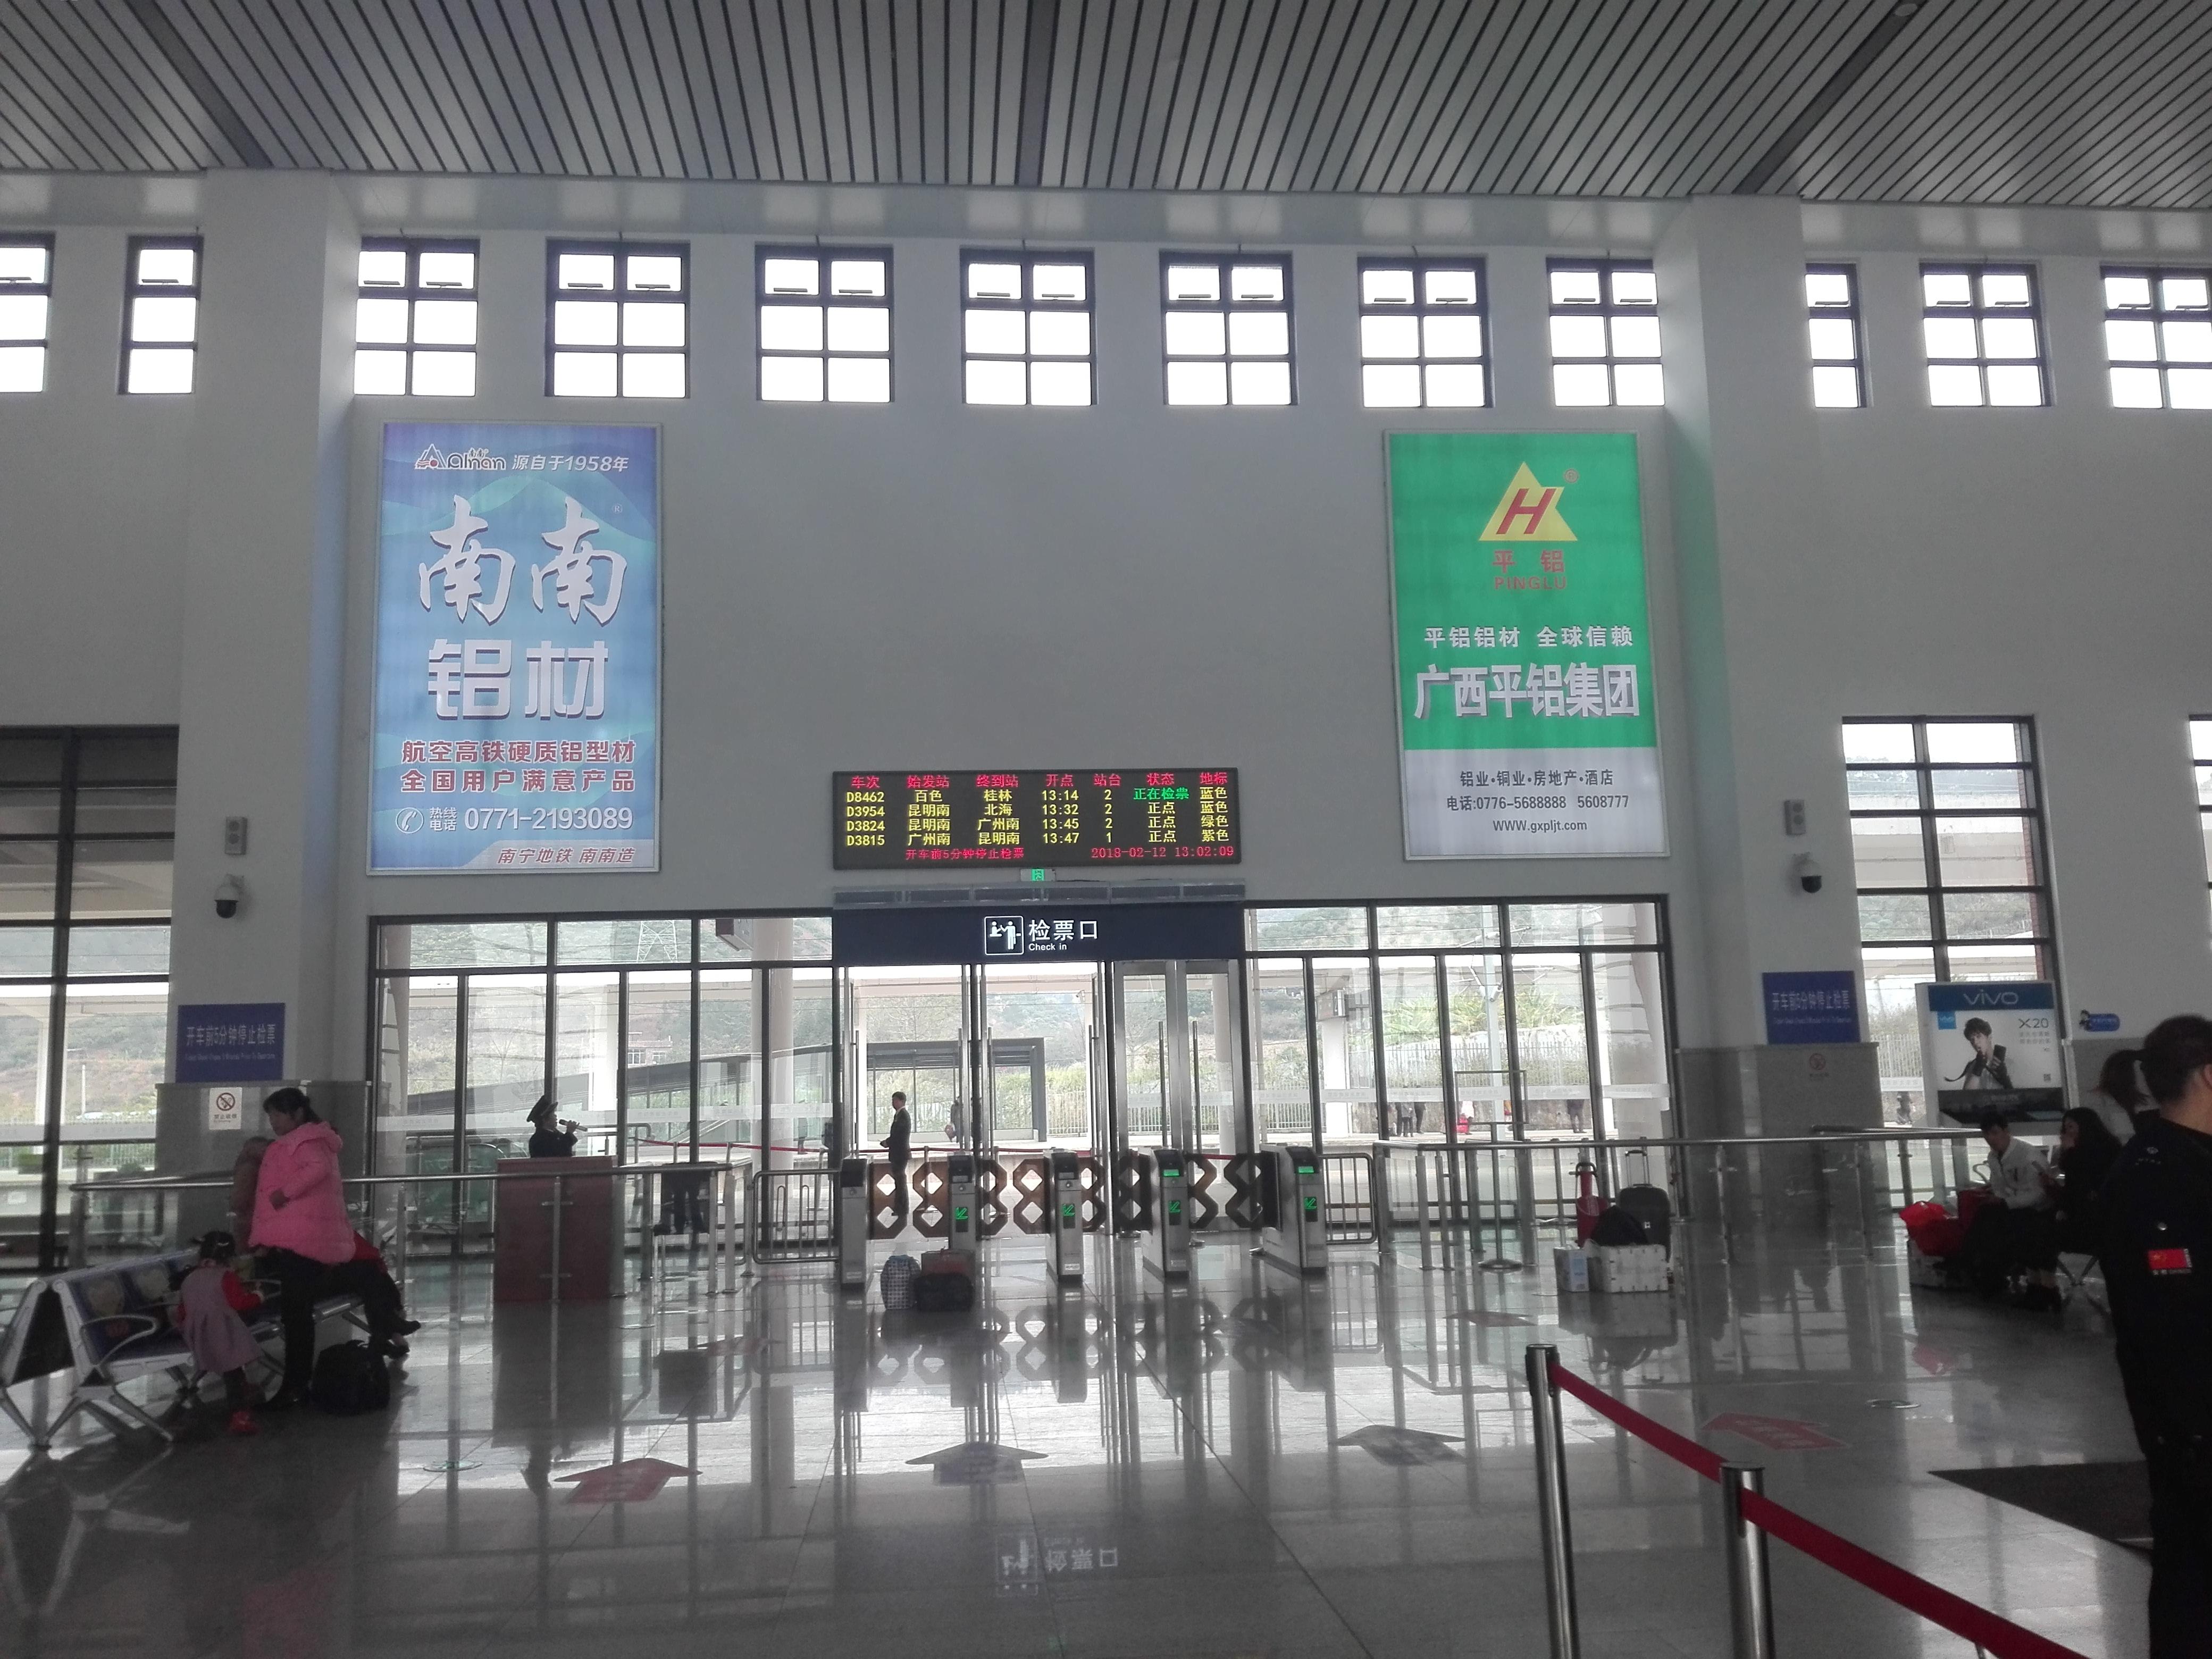 广西田东北站火车站高铁站候车大厅灯箱媒体广告位